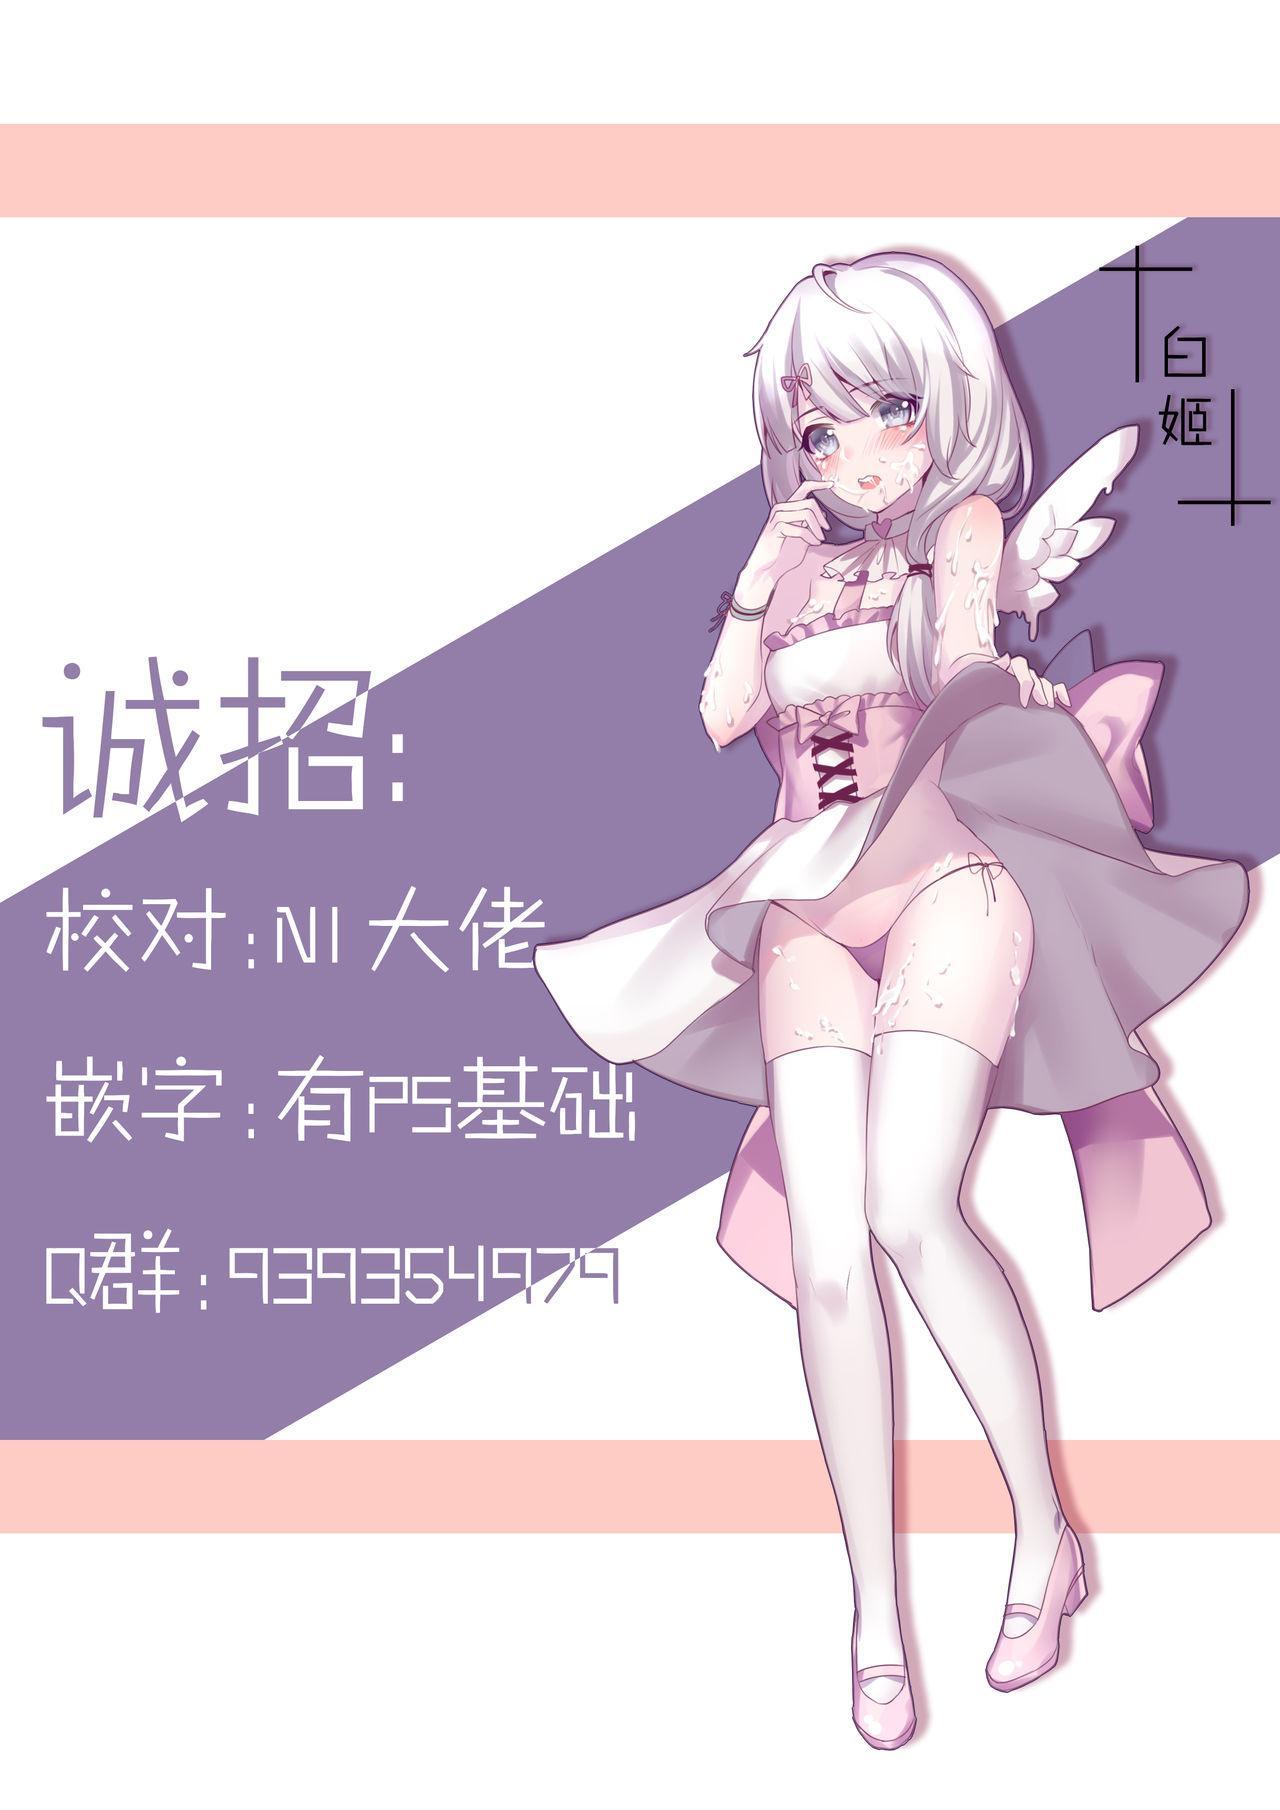 Hanayome no Tonari de 17